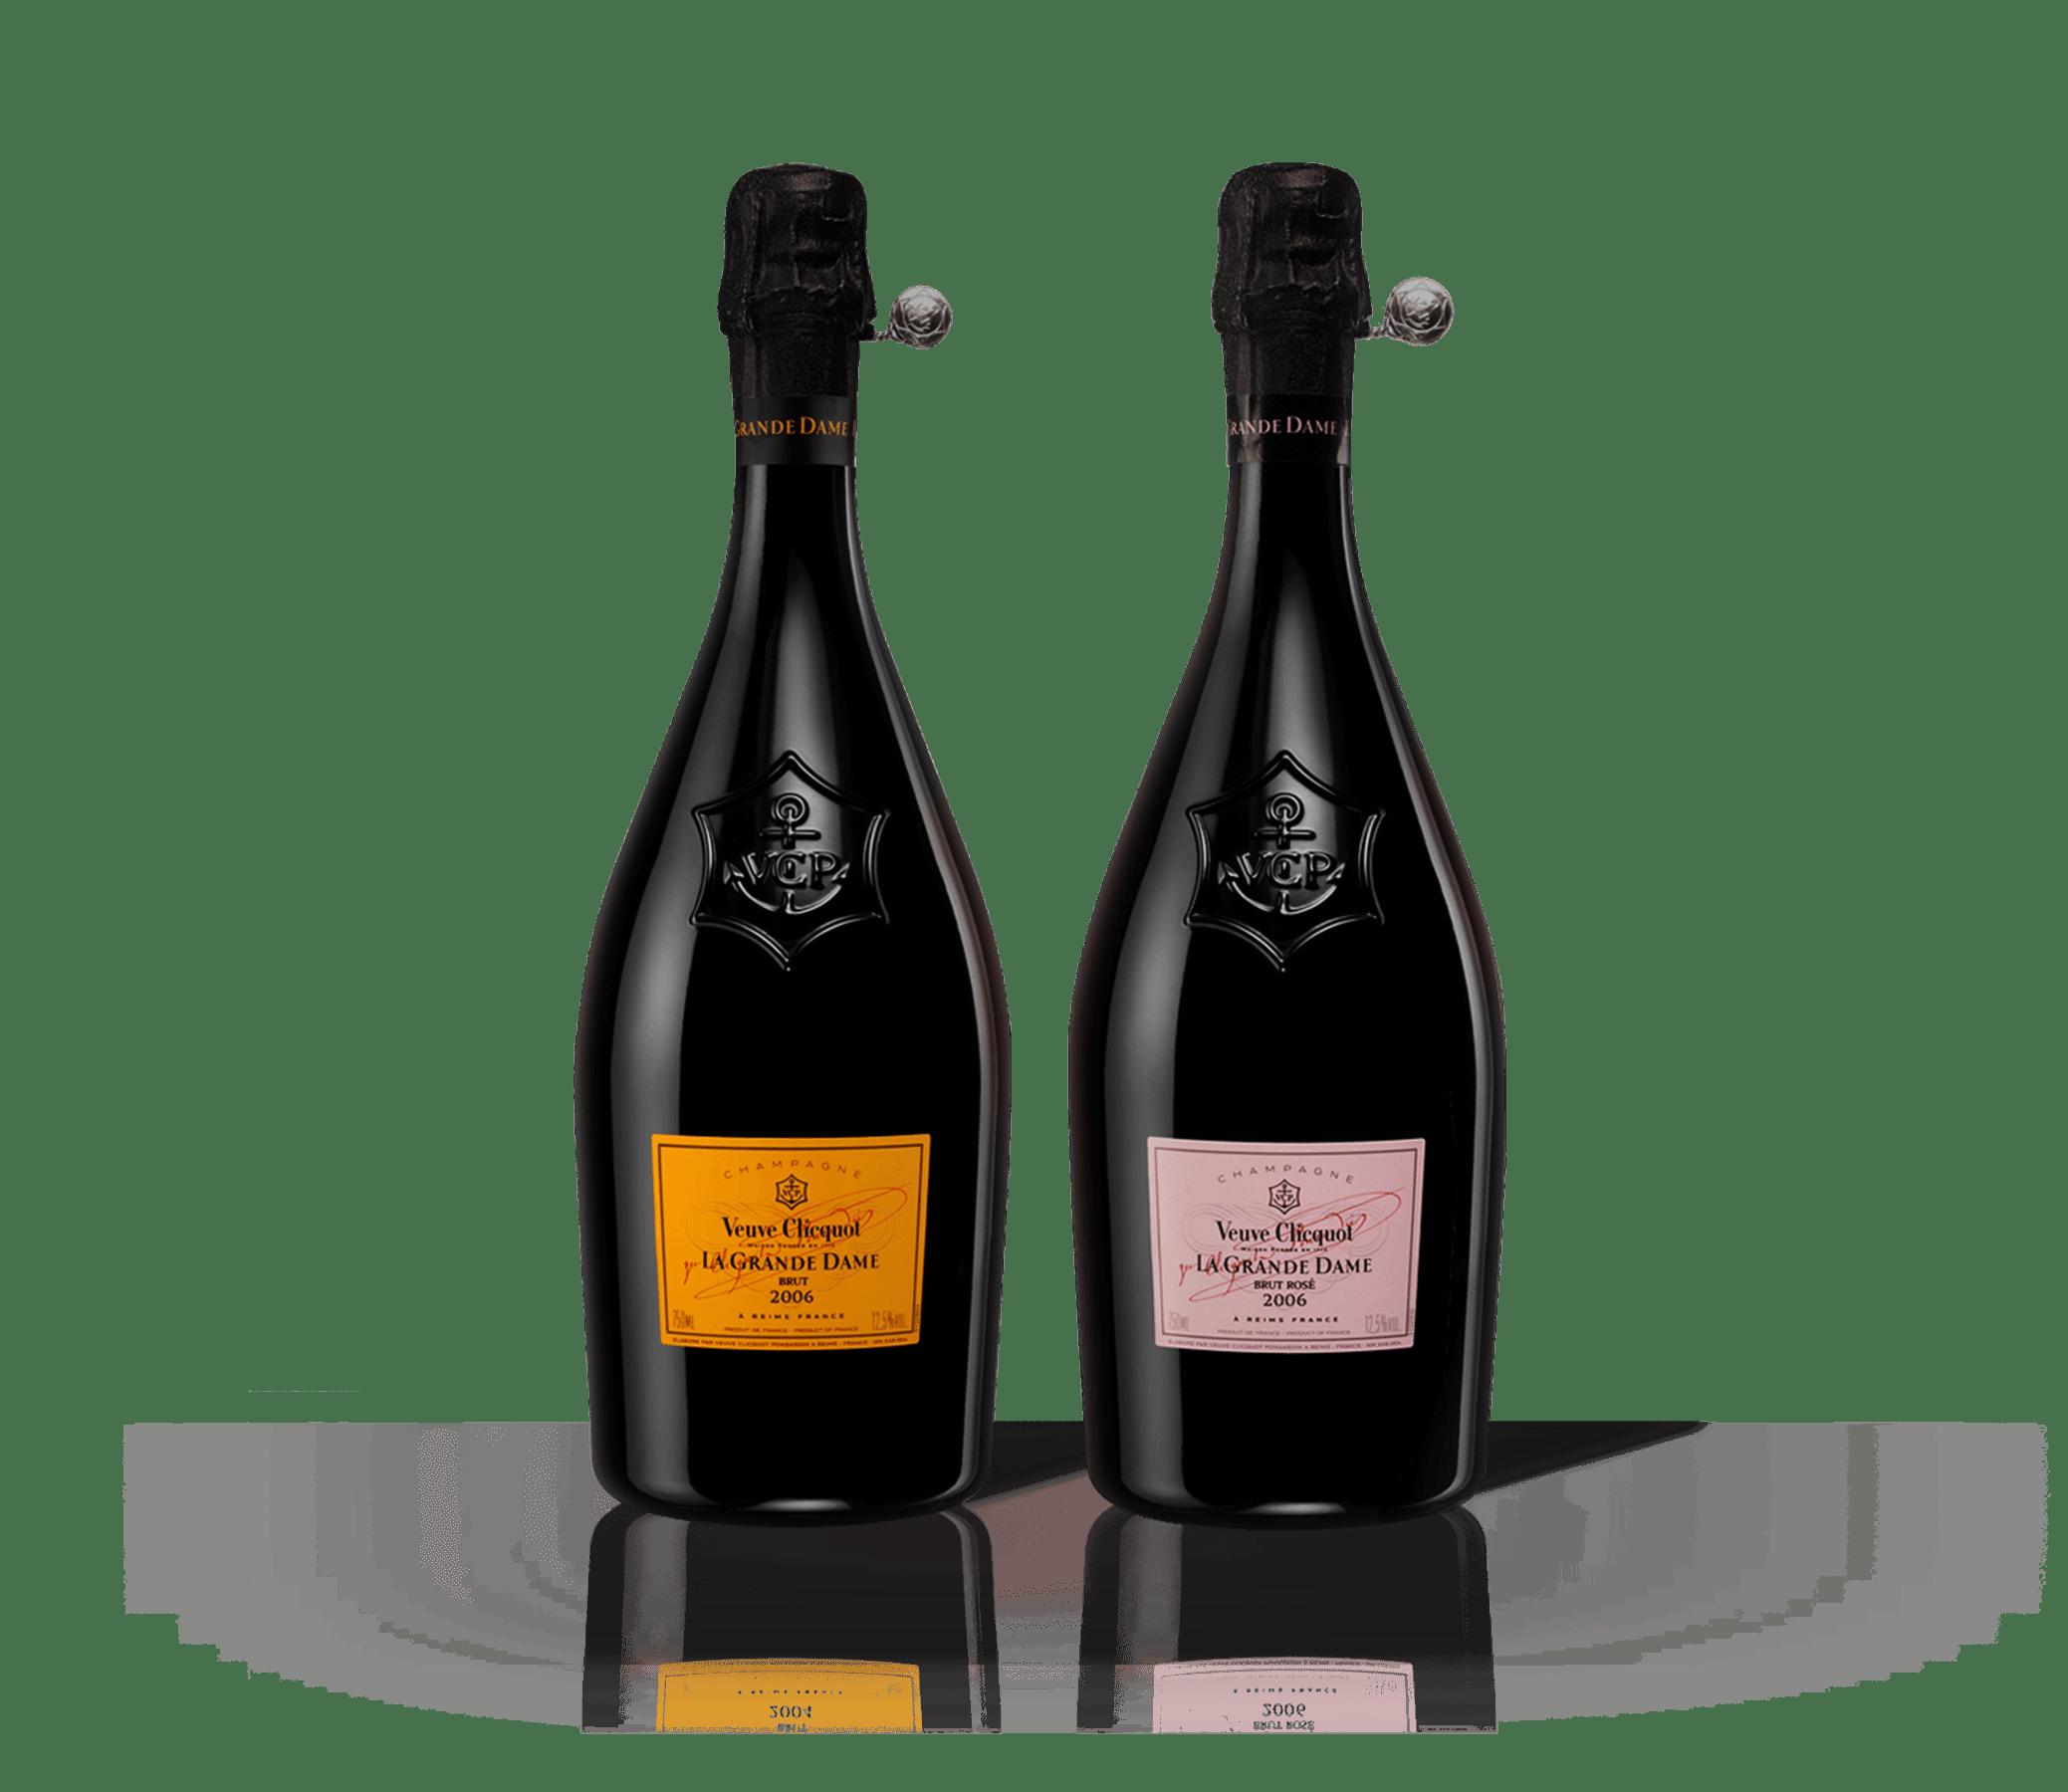 瓶凱歌貴婦香檳 2008